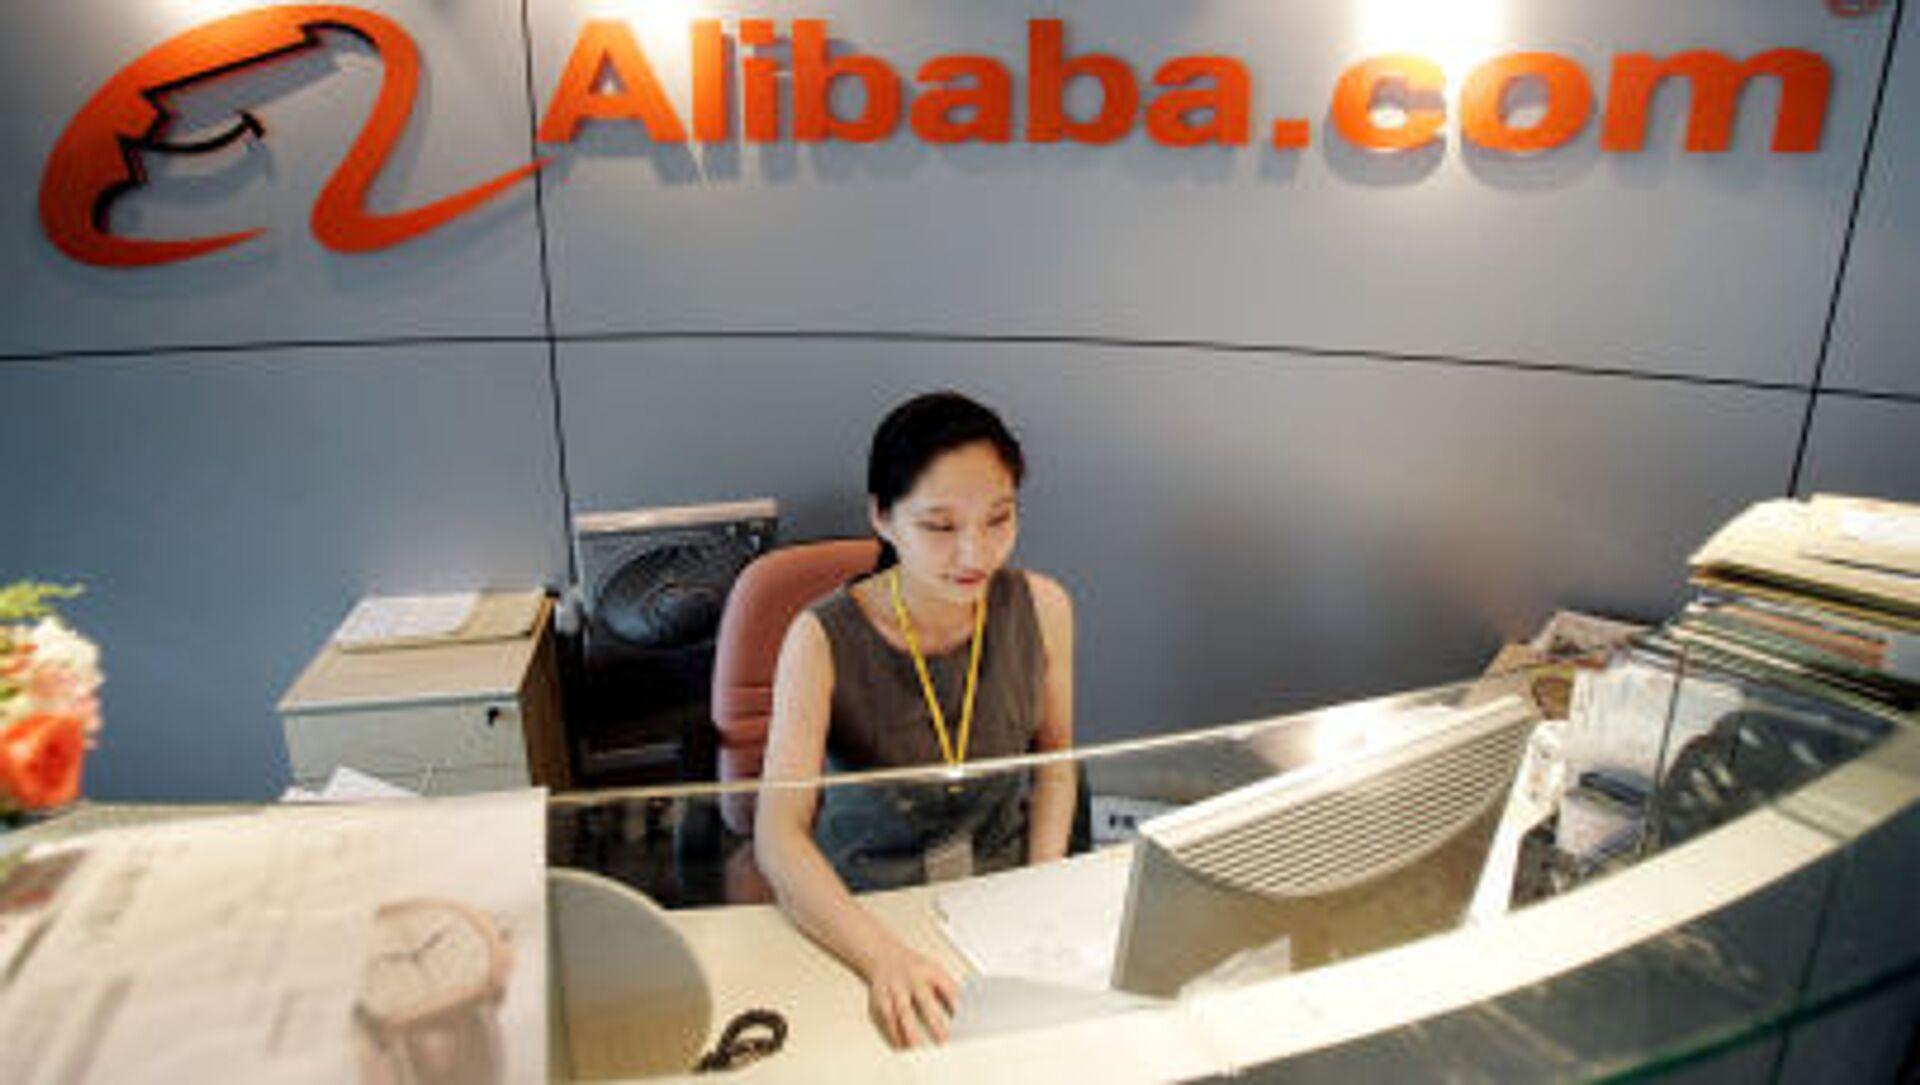 Văn phòng công ty Alibaba tại Thượng Hải, Trung Quốc. - Sputnik Việt Nam, 1920, 12.03.2021